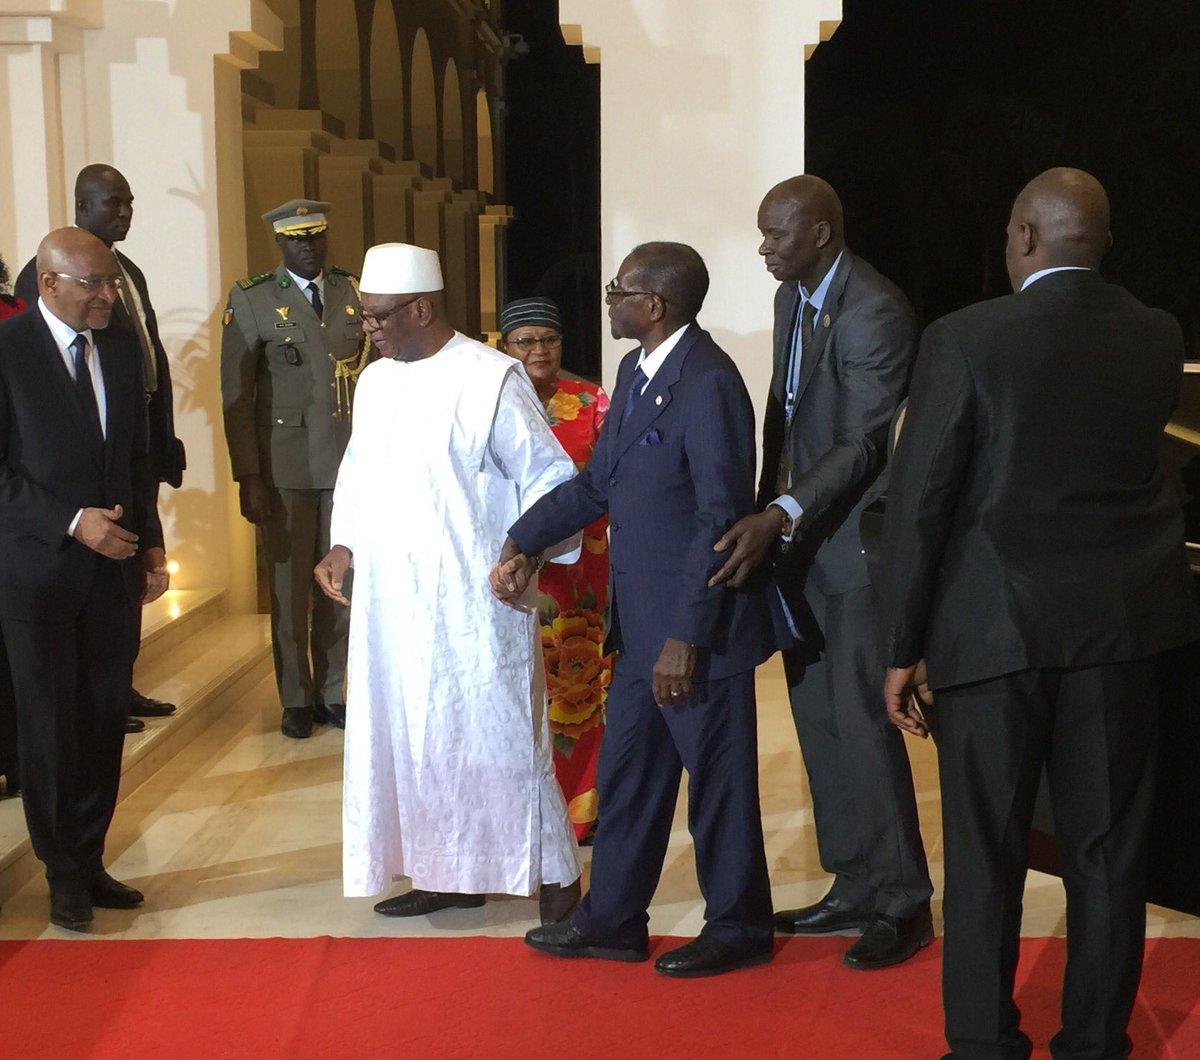 Le Président IBK accompagné de son épouse, Aminata MAÏGA, accueillent le Président Robert Mugabé du Zimbabwe